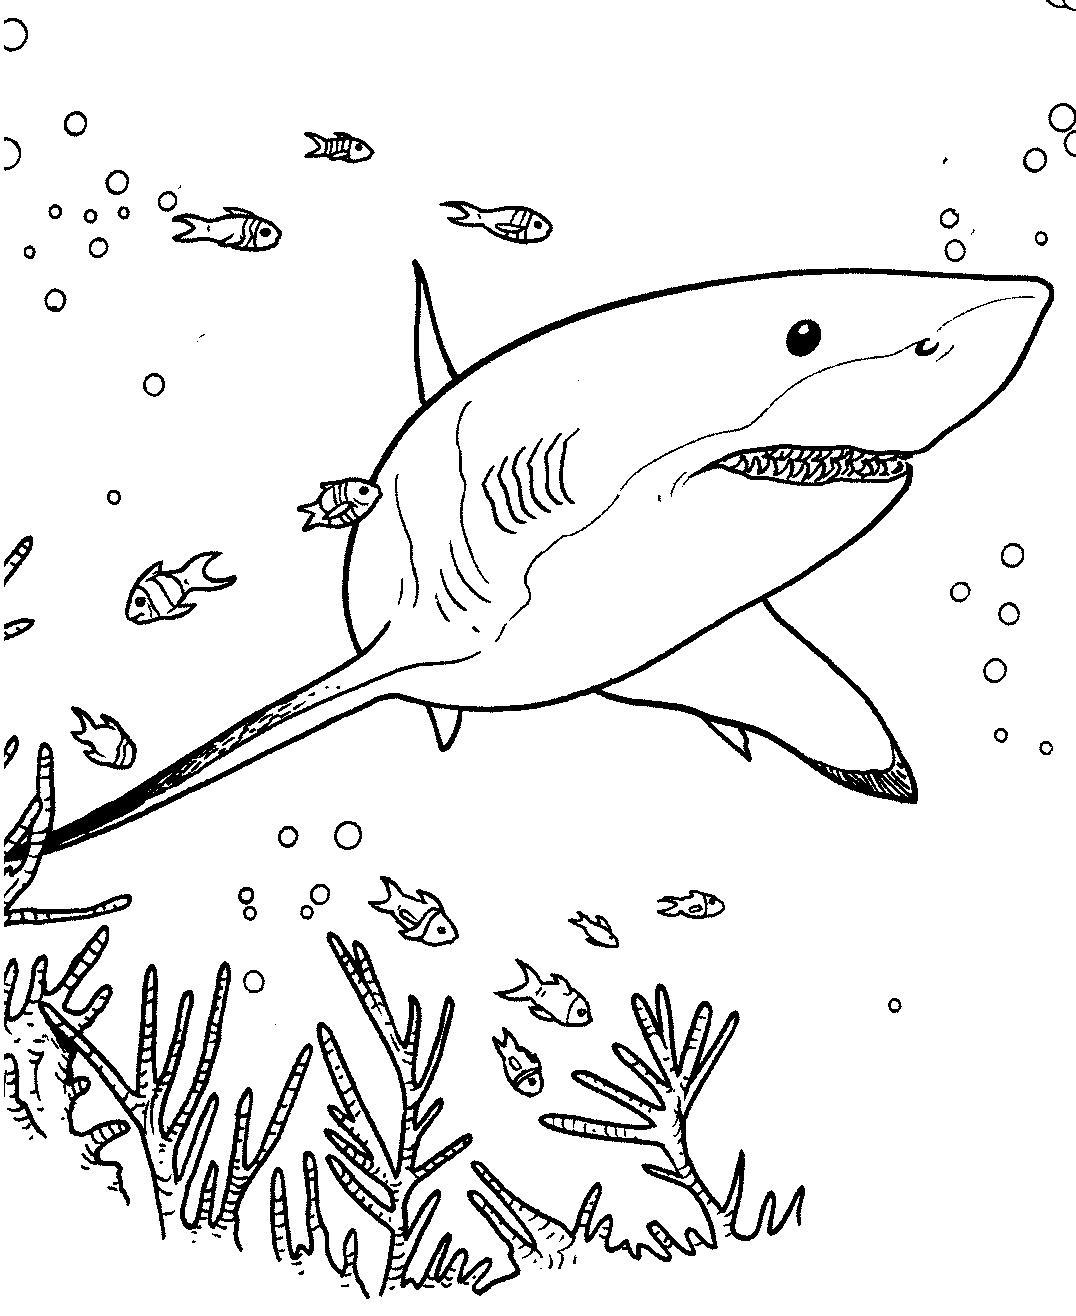 90+ ideas Dibujo De Tiburon Martillo Para Colorear on ...